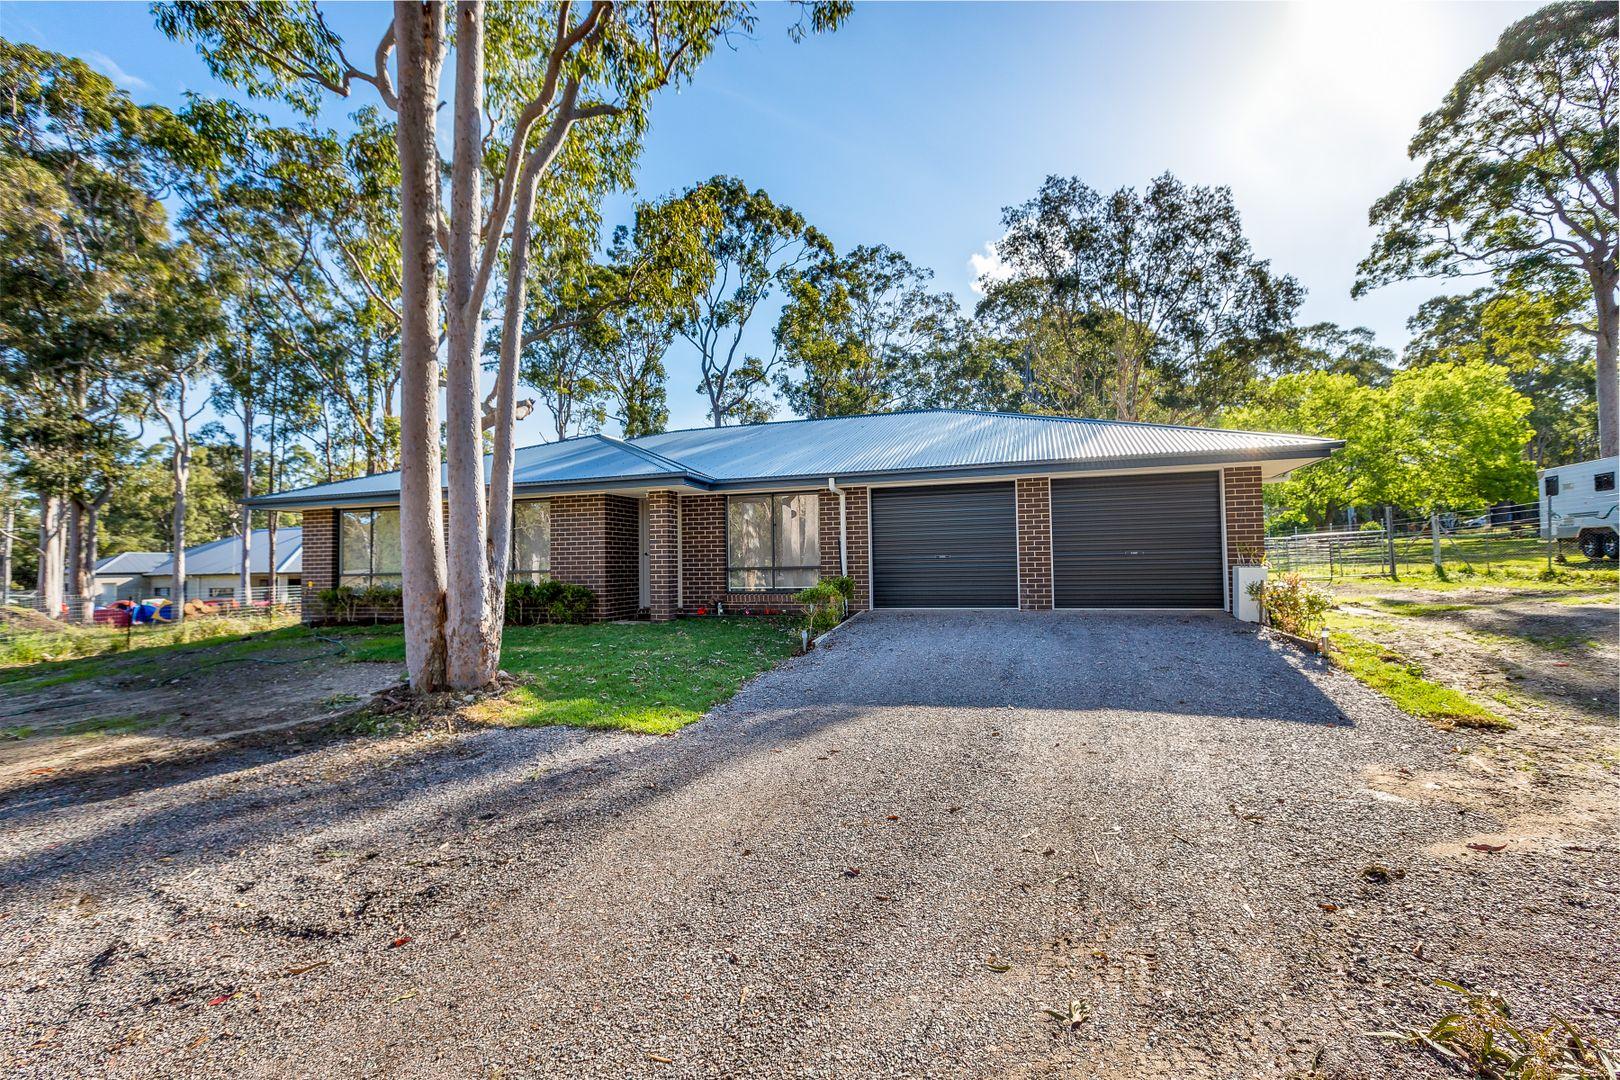 7A Karwin Road, Medowie NSW 2318, Image 0